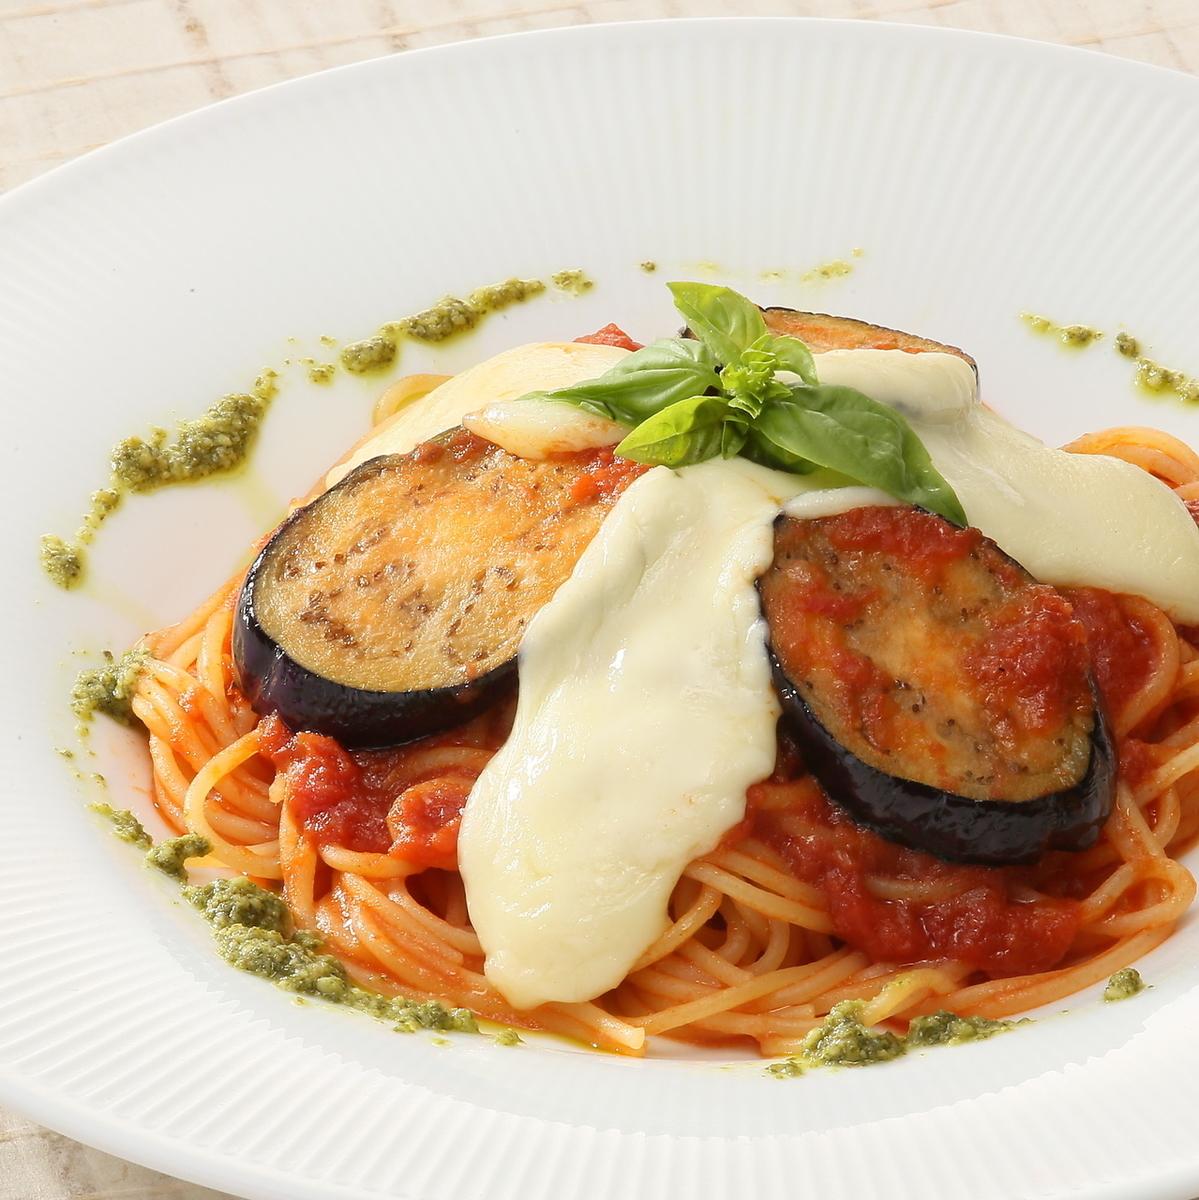 茄子和莫扎里拉罗勒的番茄酱意大利面